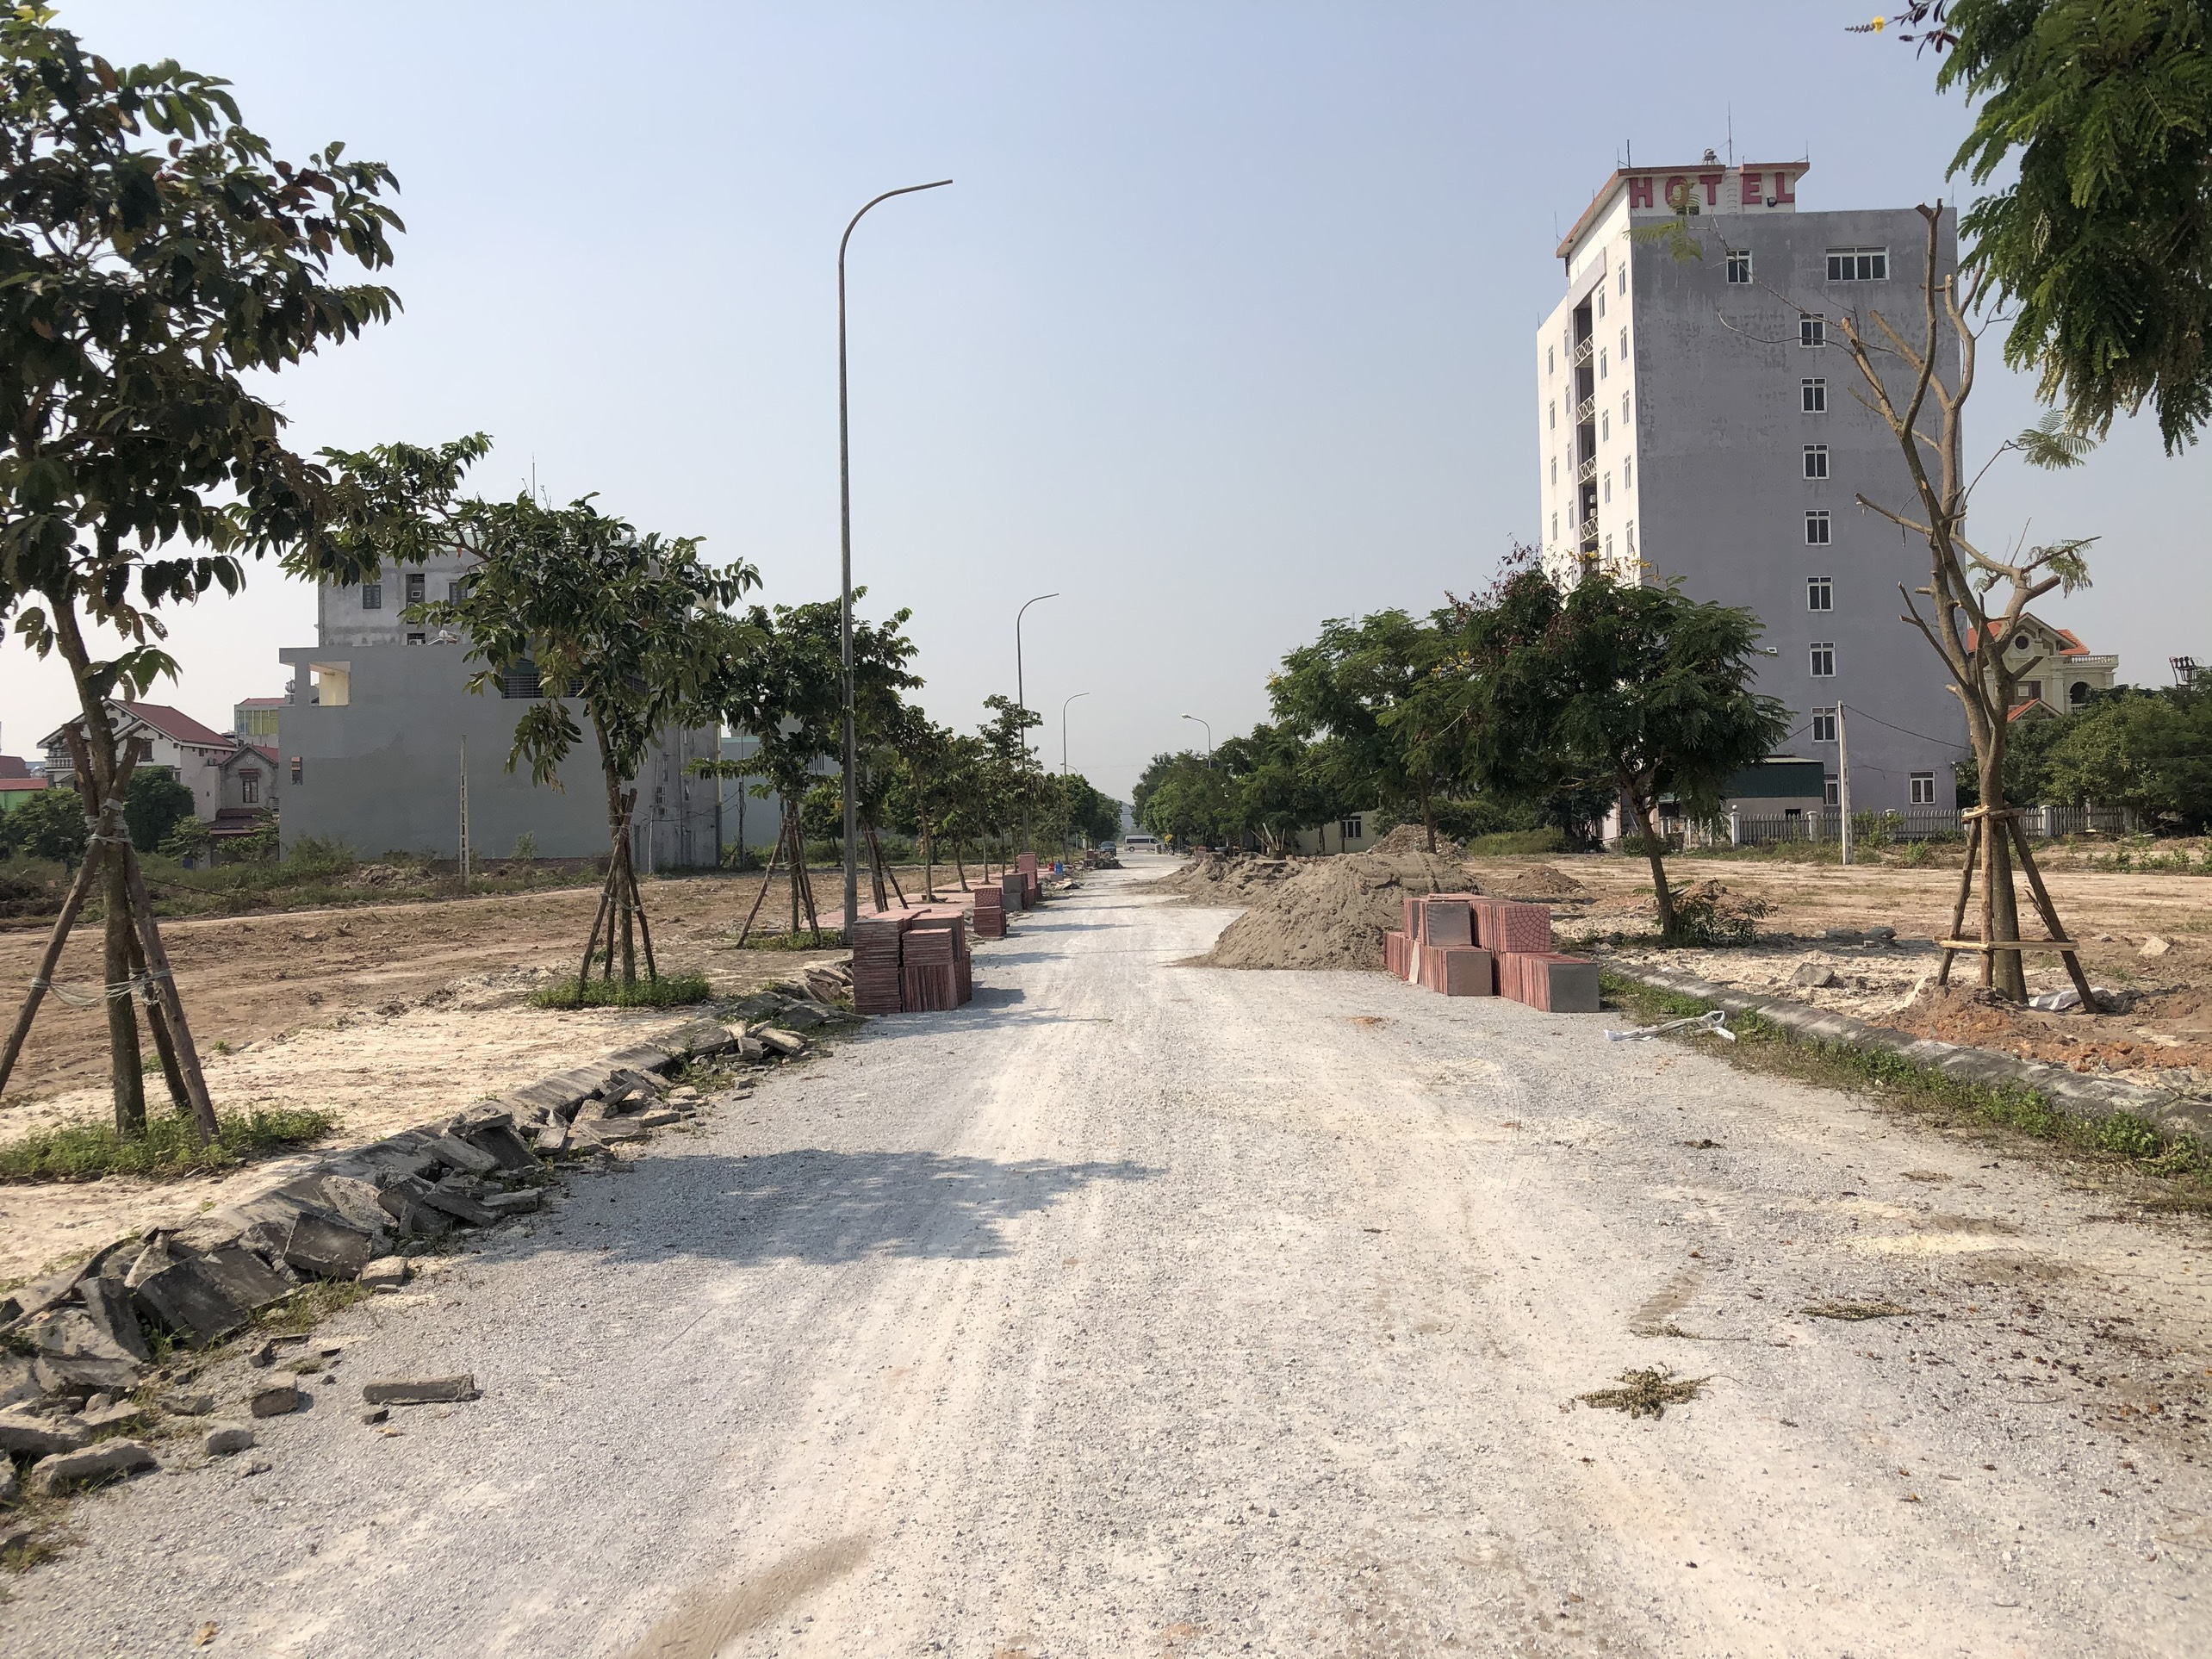 Khu đô thị Trường Linh Chí Linh Palm City - Thực Tế Dự Án Tháng 11-2019 1